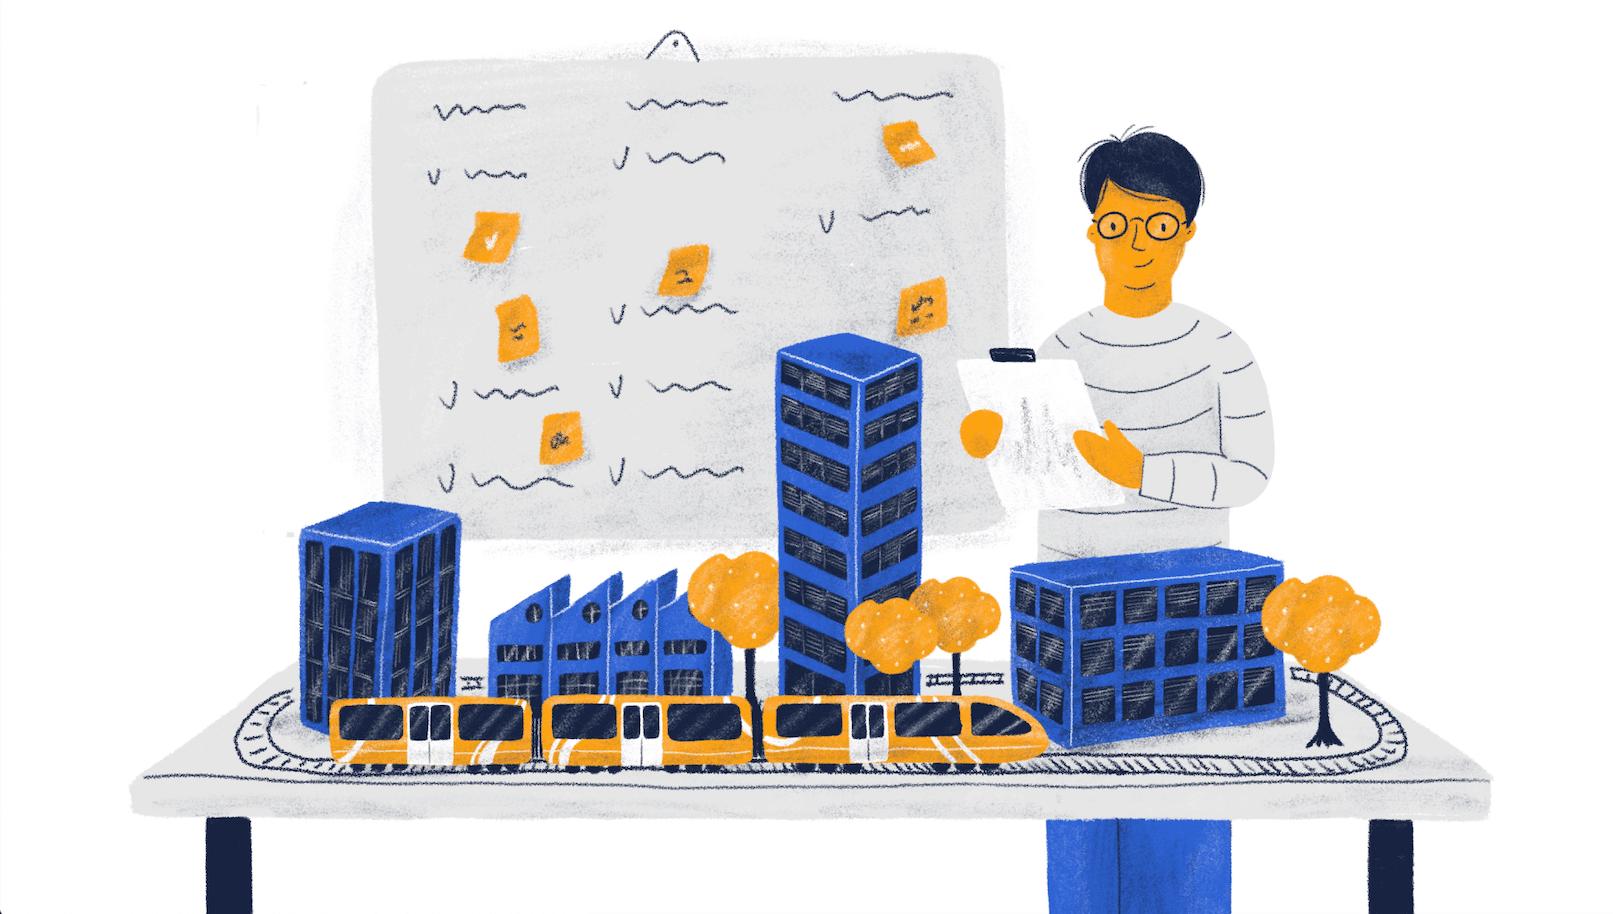 Enterprise UX Design: Make me think